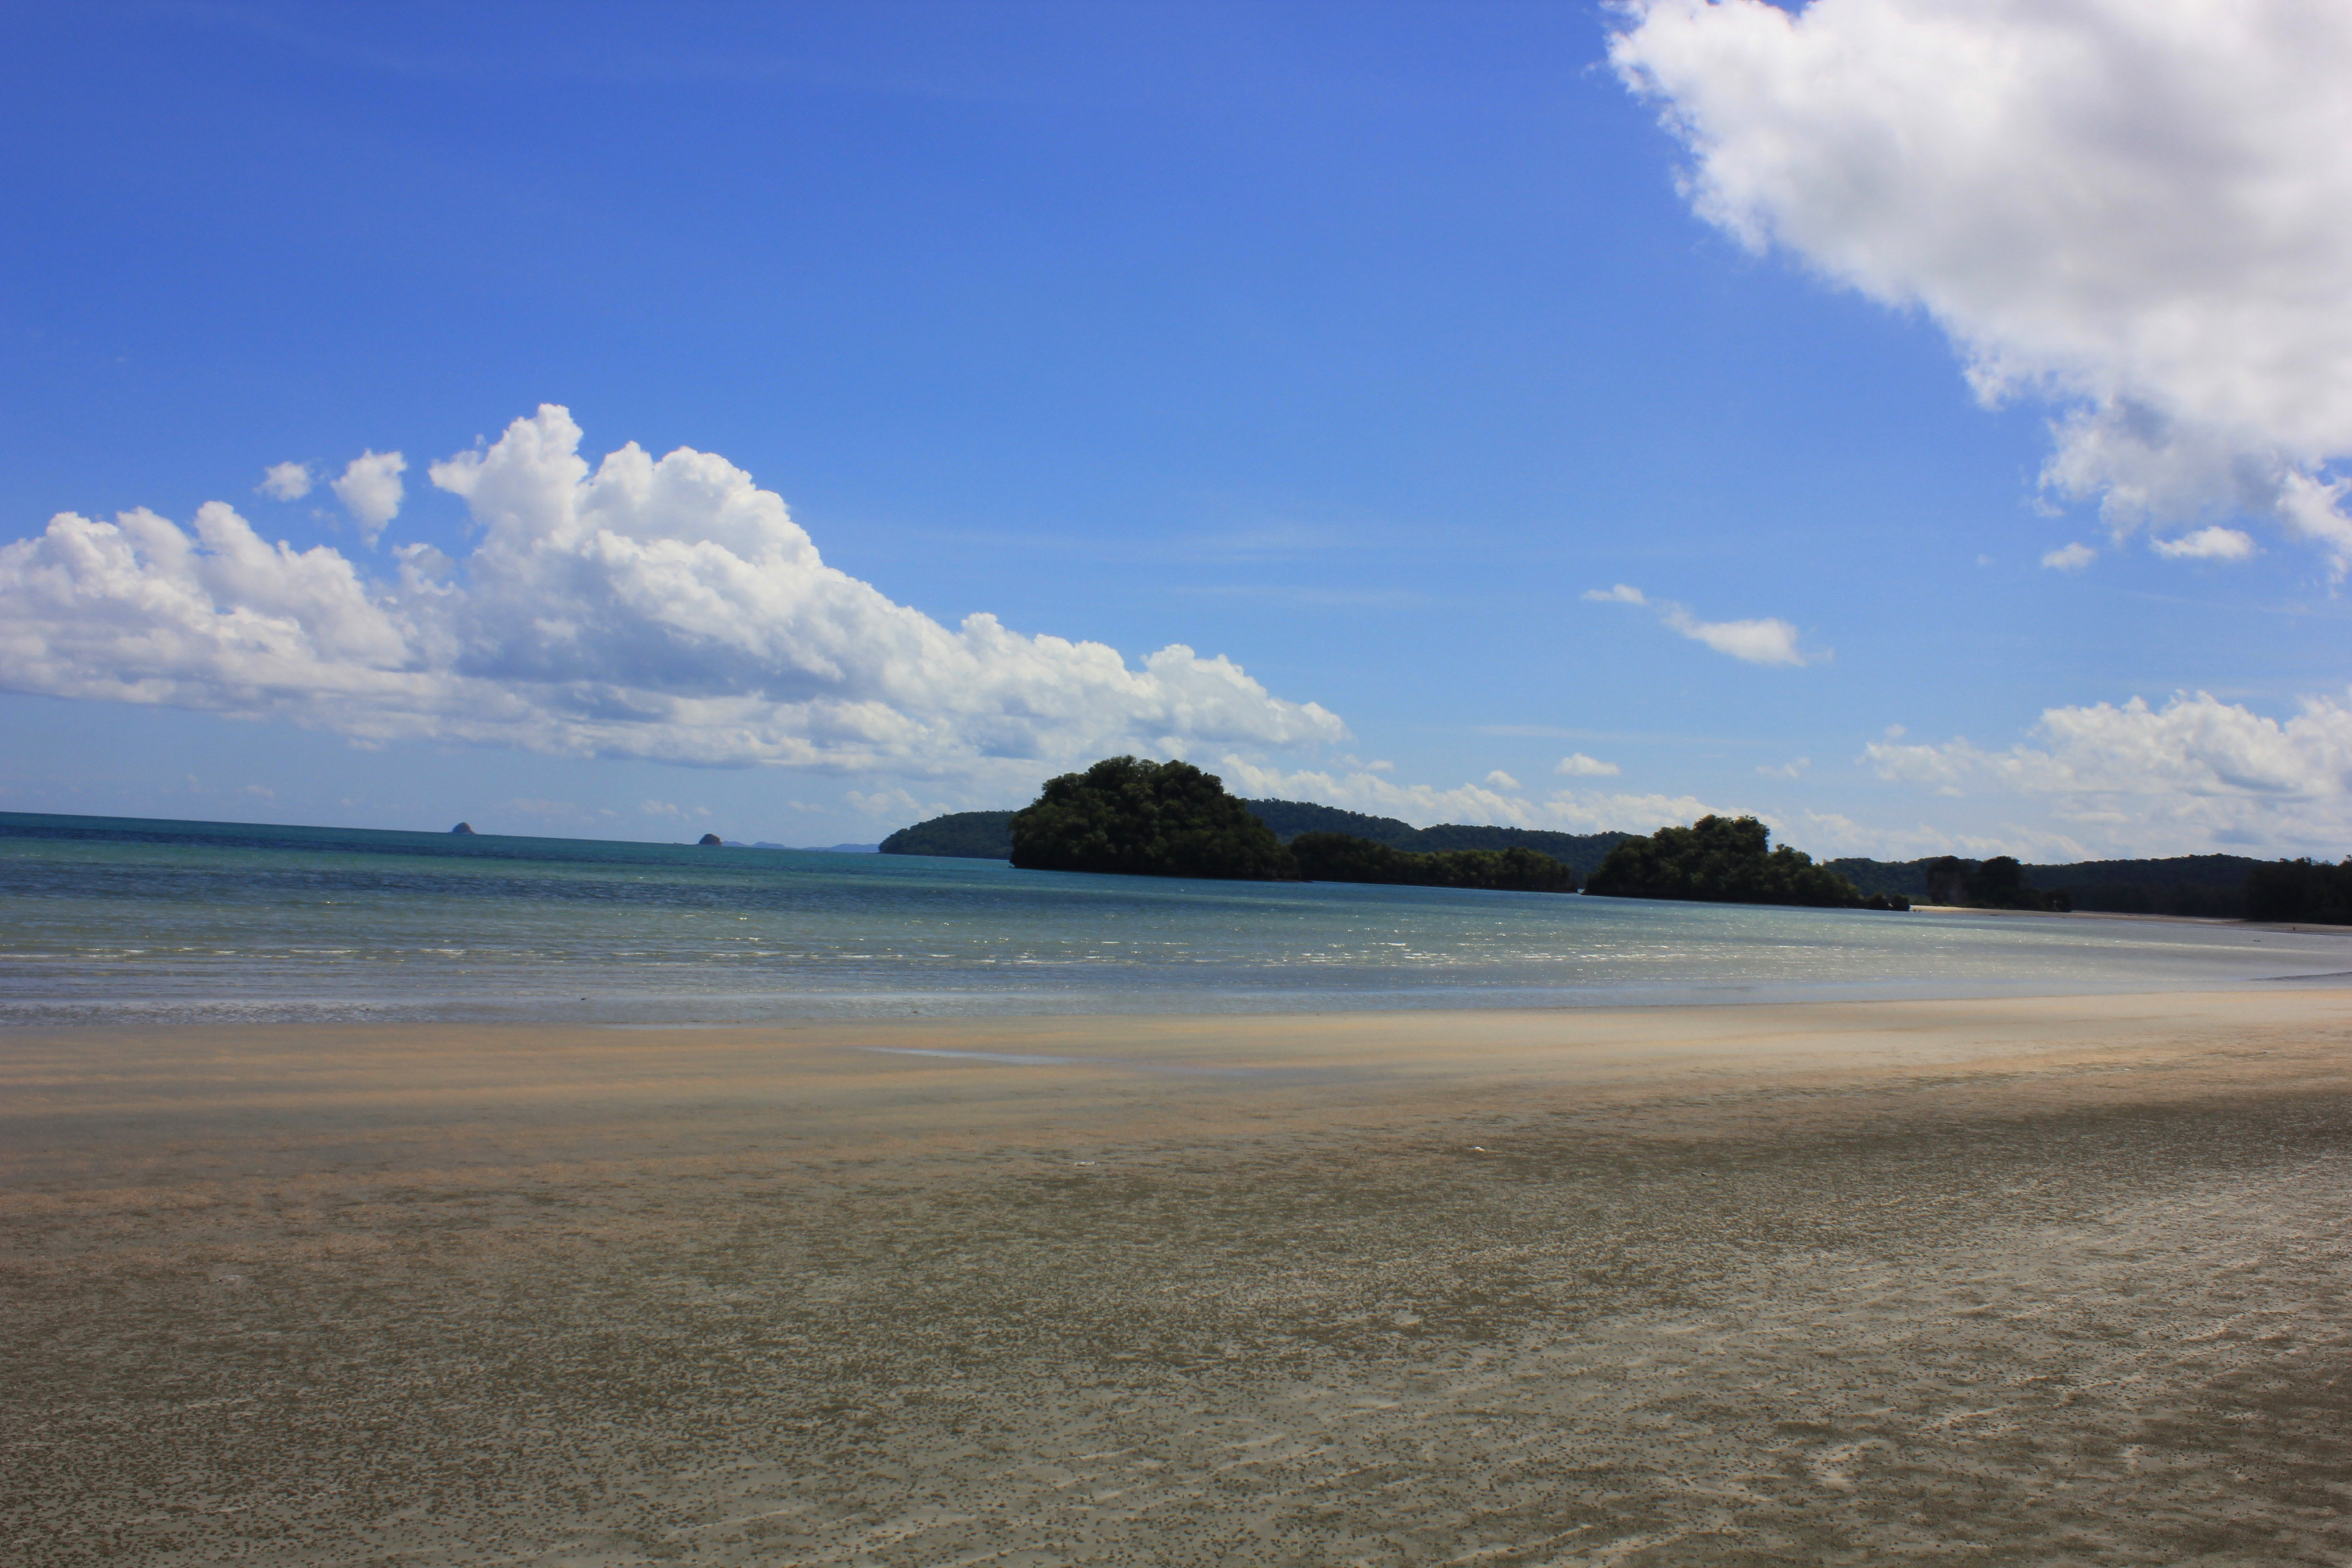 I walked along Ao Nang beach